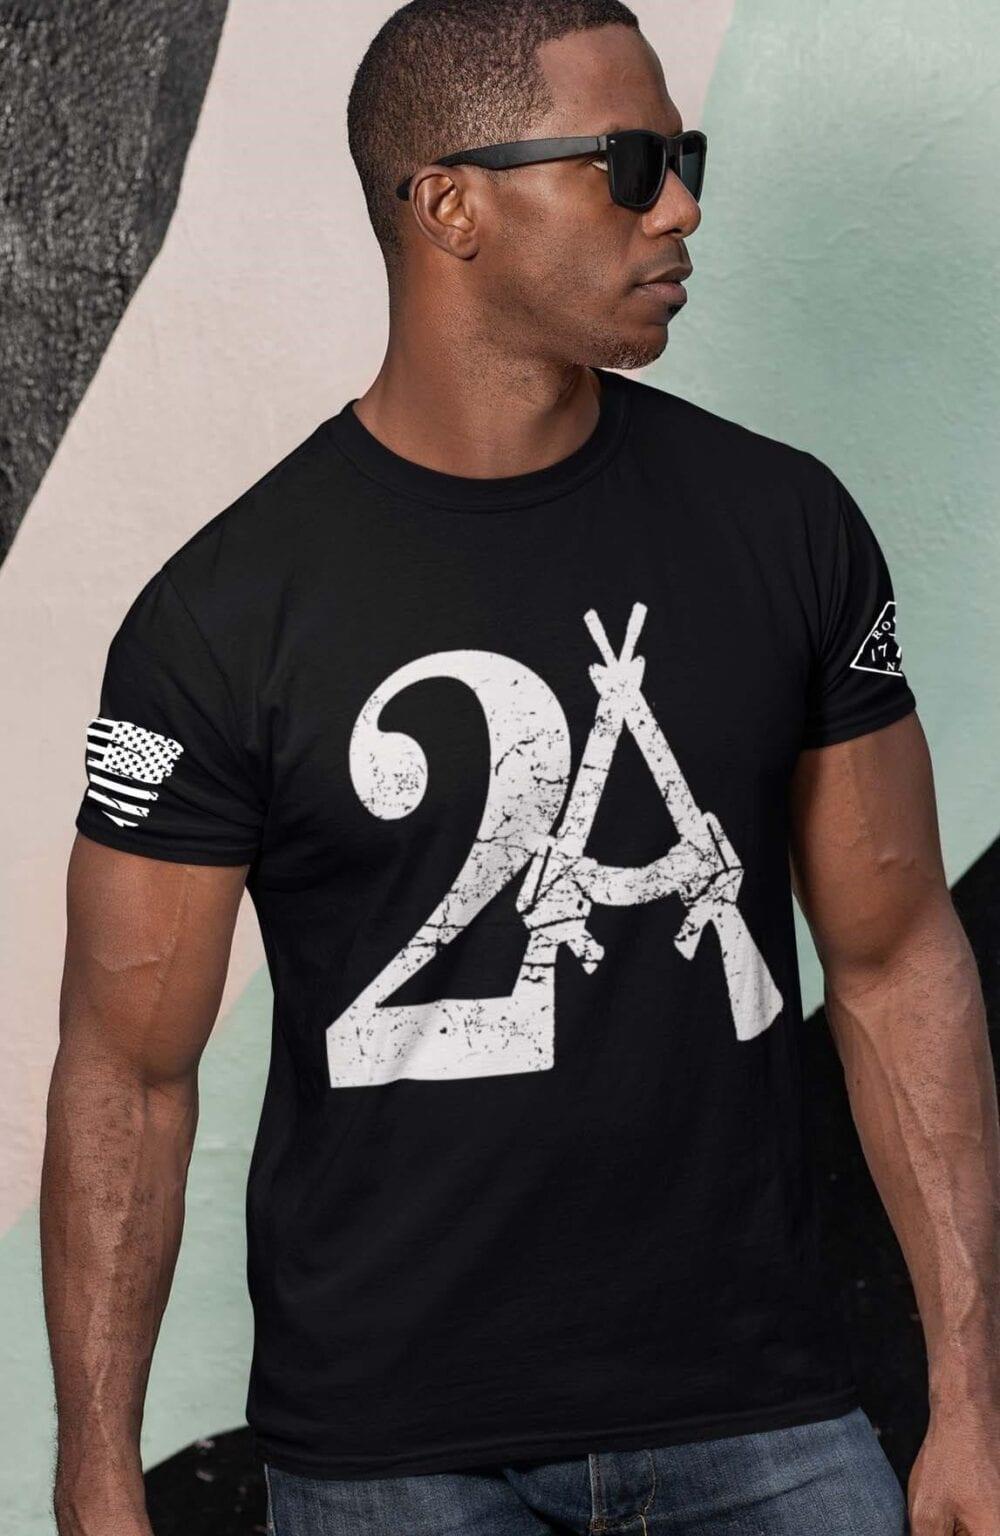 2A on Mens Black T-Shirt